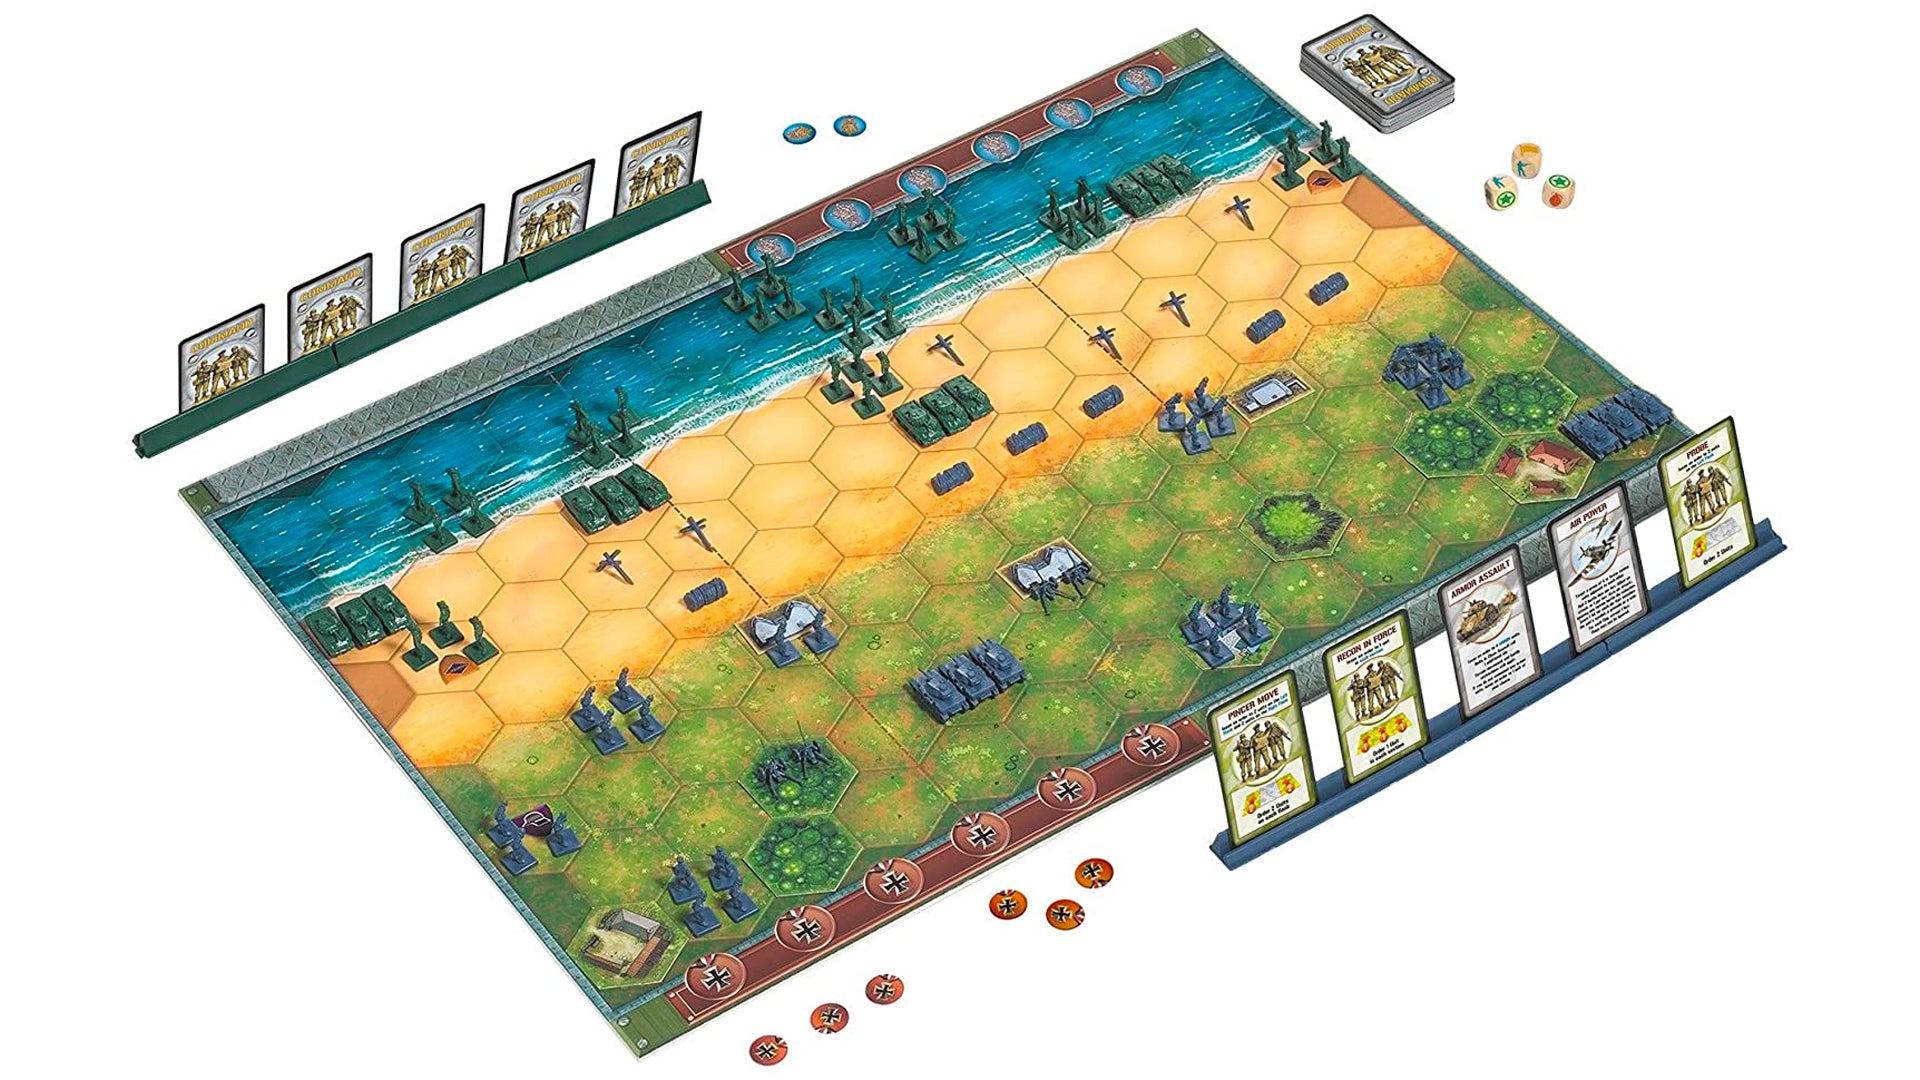 memoir-44-board-game-layout.jpg